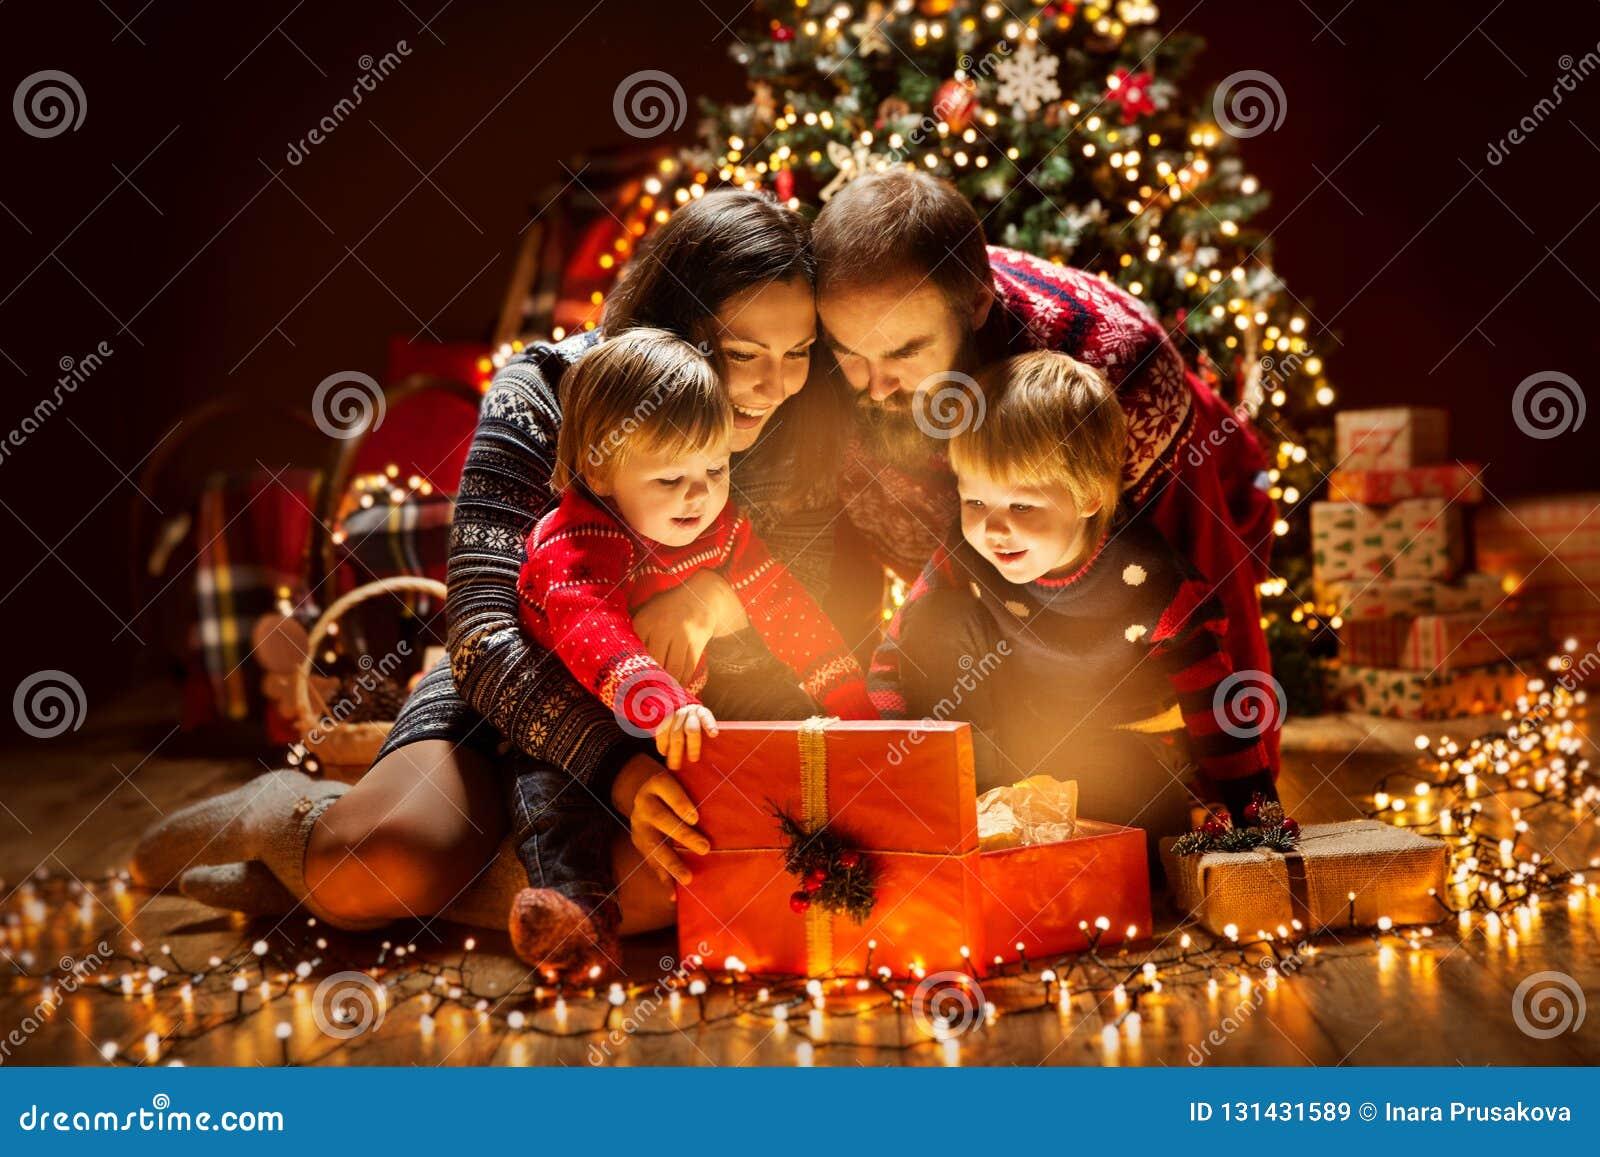 Χριστουγέννων κιβώτιο δώρων οικογενειακού ανοικτό φωτισμού παρόν κάτω από το χριστουγεννιάτικο δέντρο, ευτυχή παιδιά πατέρων μητέ